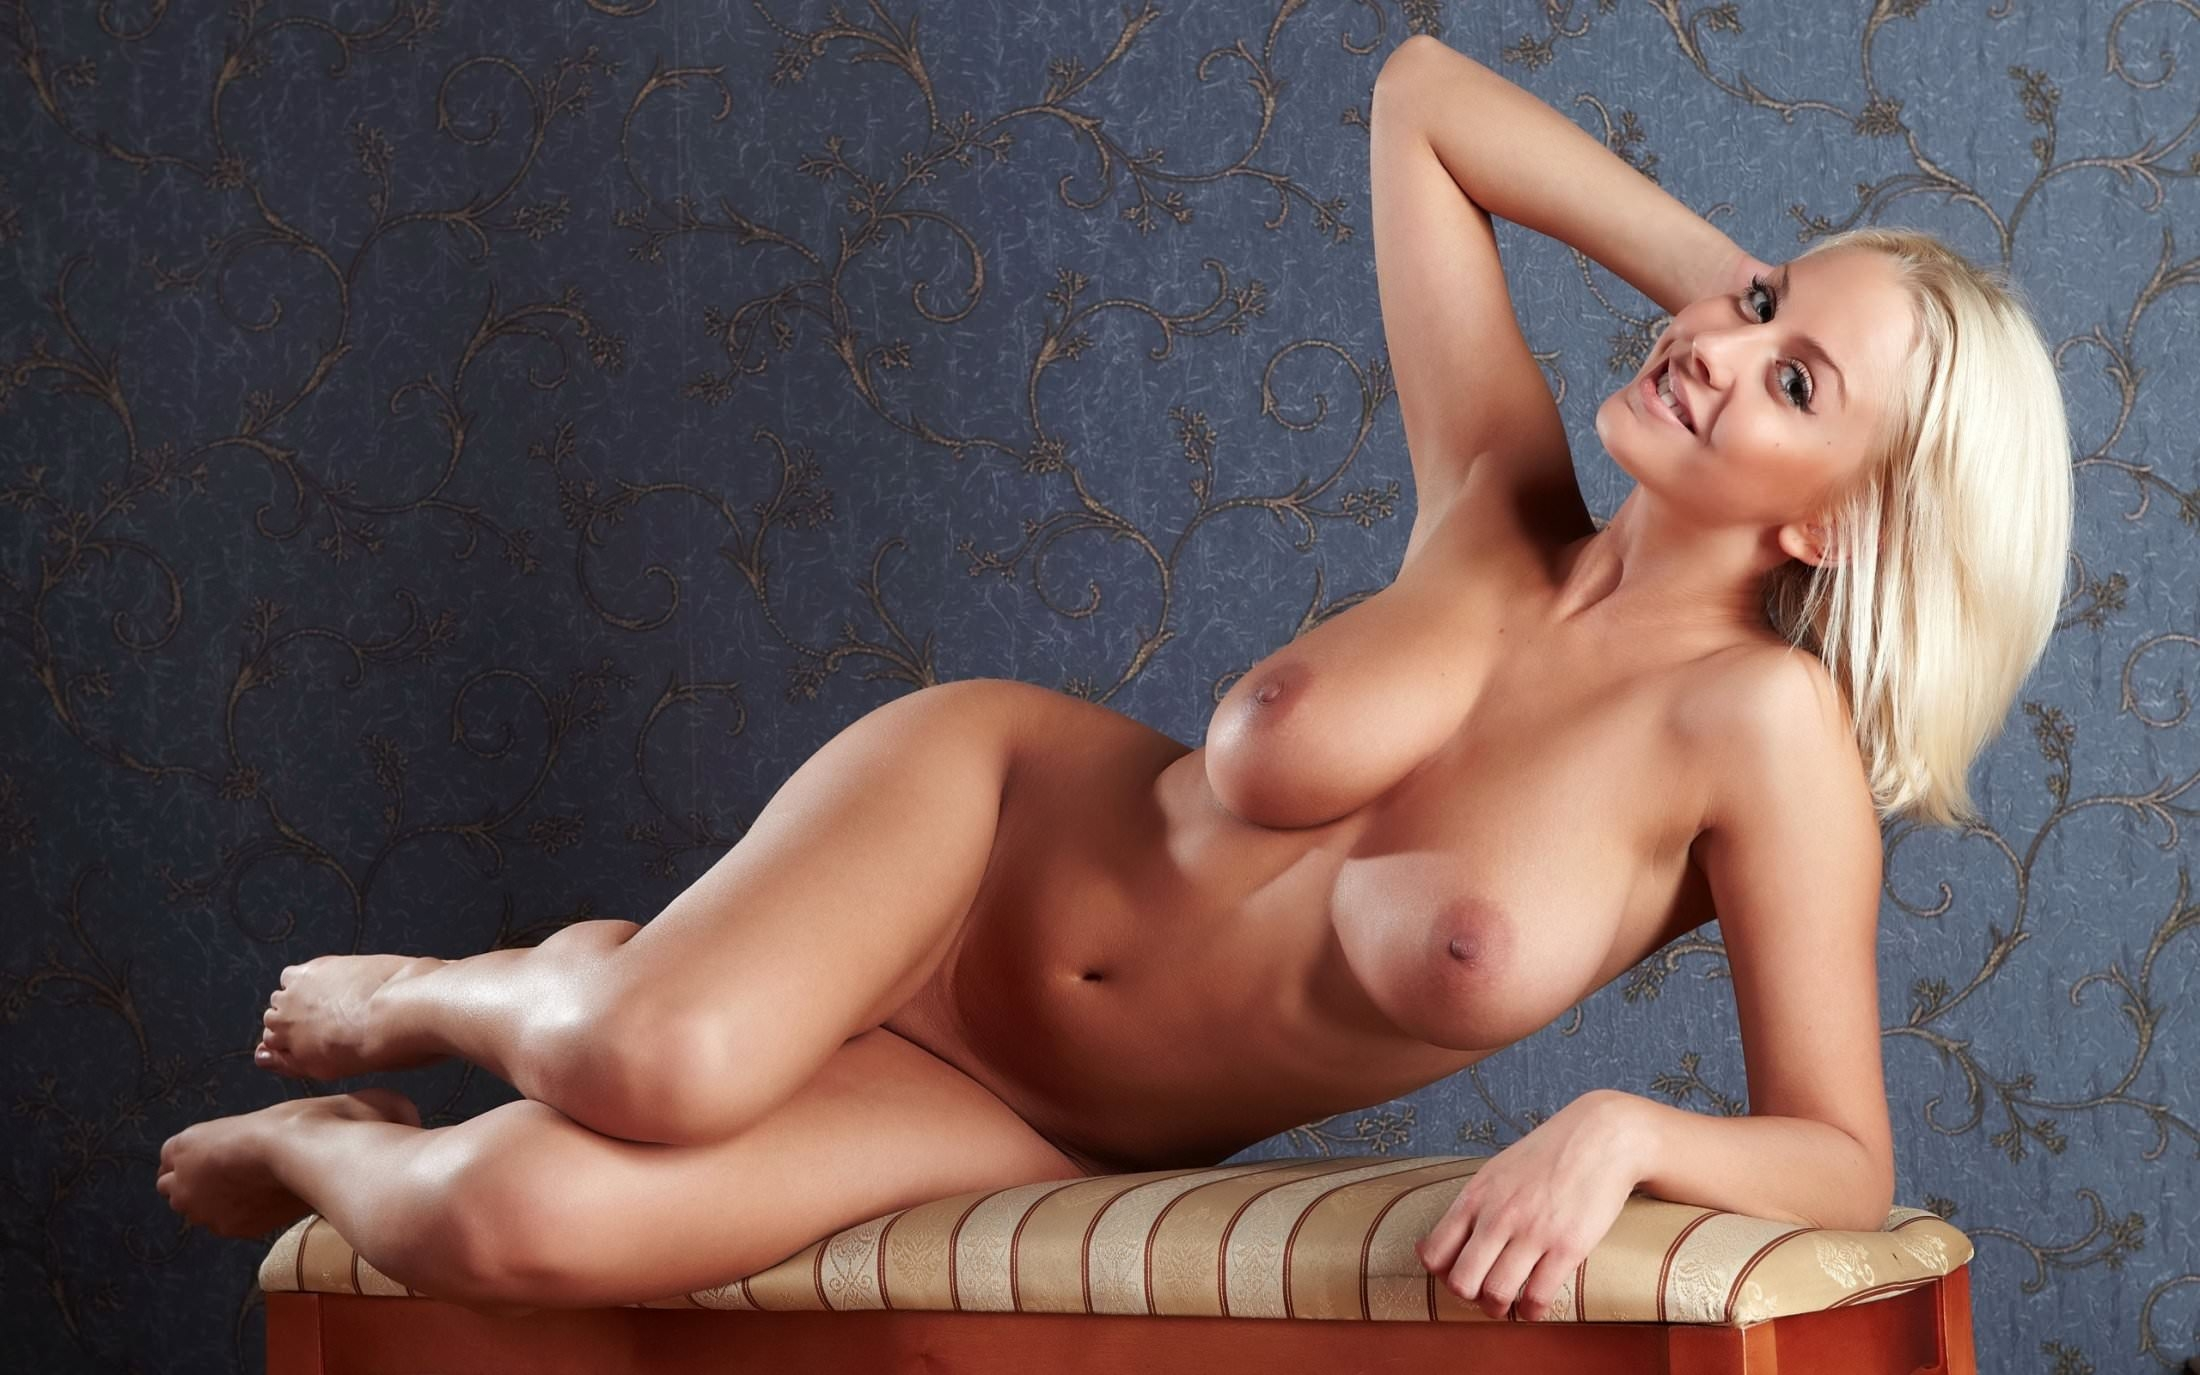 Фото Веселая блондинка разделась до гола и прилегла на пуфик, голые сиськи, блестящее сексуальное тело. Naked blonde, cool tits, sexy body, posing, padded stool, legs, nipples, скачать картинку бесплатно